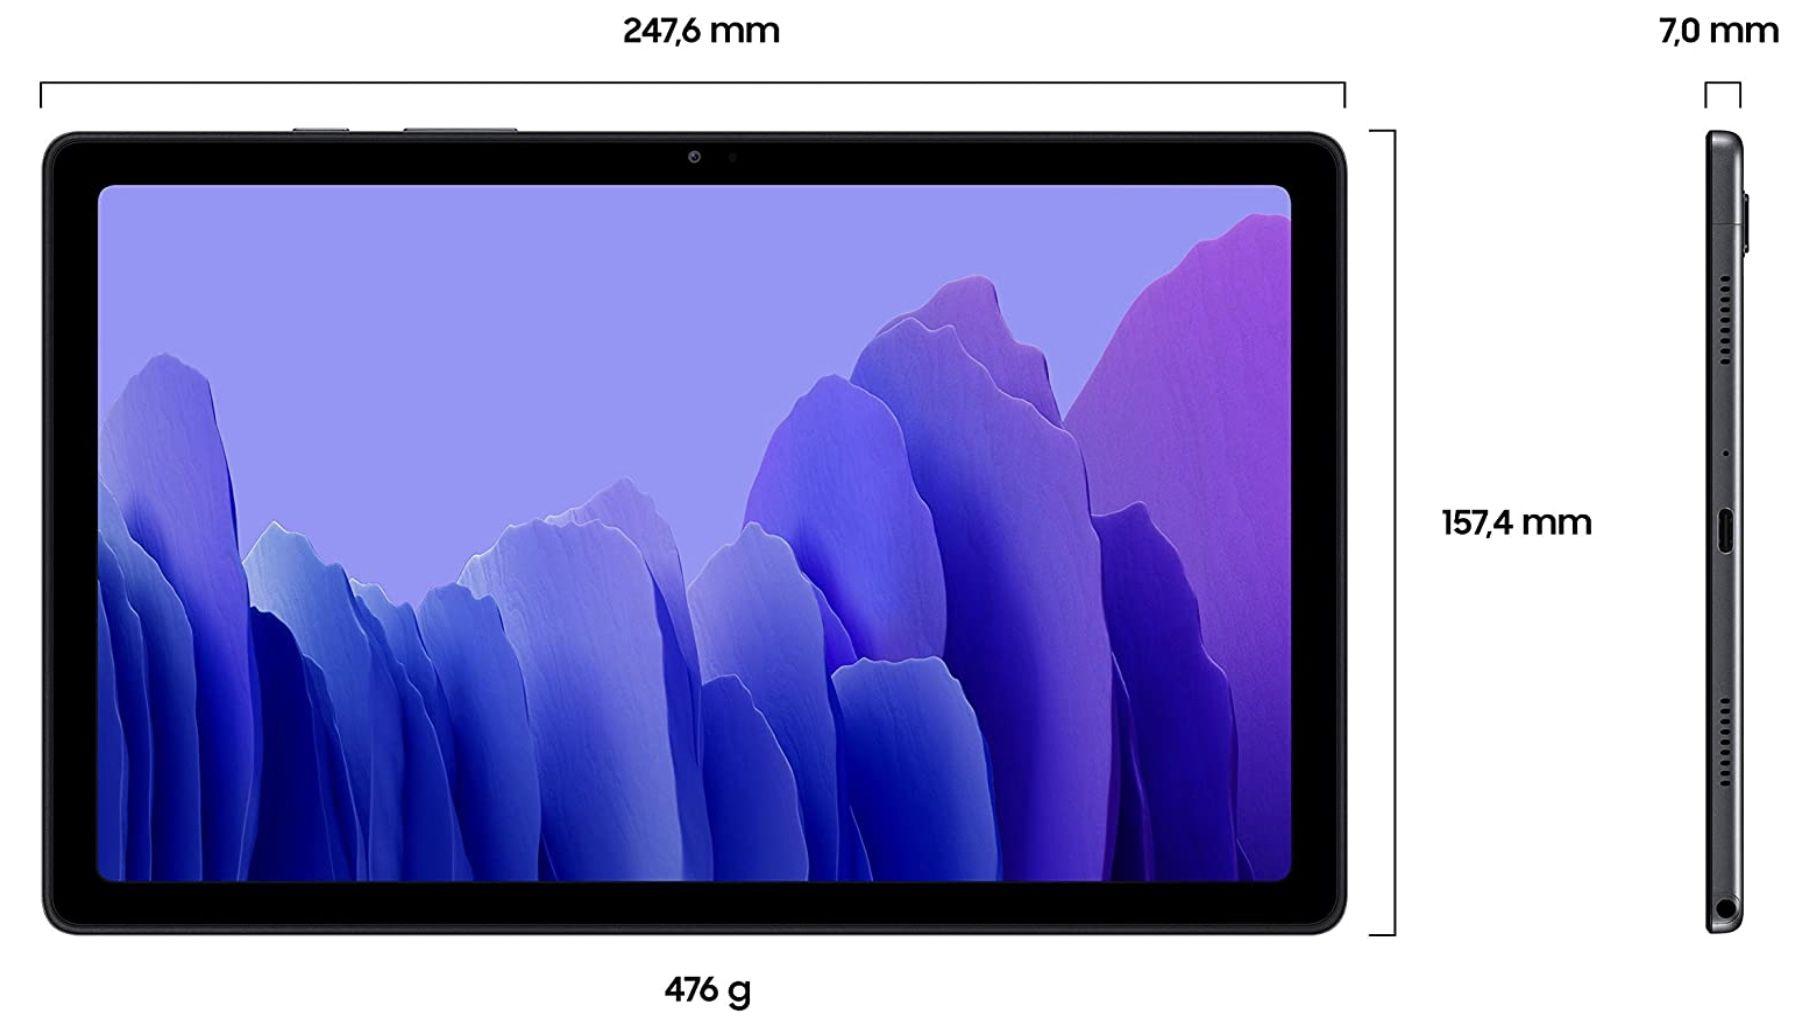 Samsung Galaxy A7 Tablet in Grau mit 7.040 mAh Akku, 10,4 Zoll TFT Display für 135€ (statt 159€)